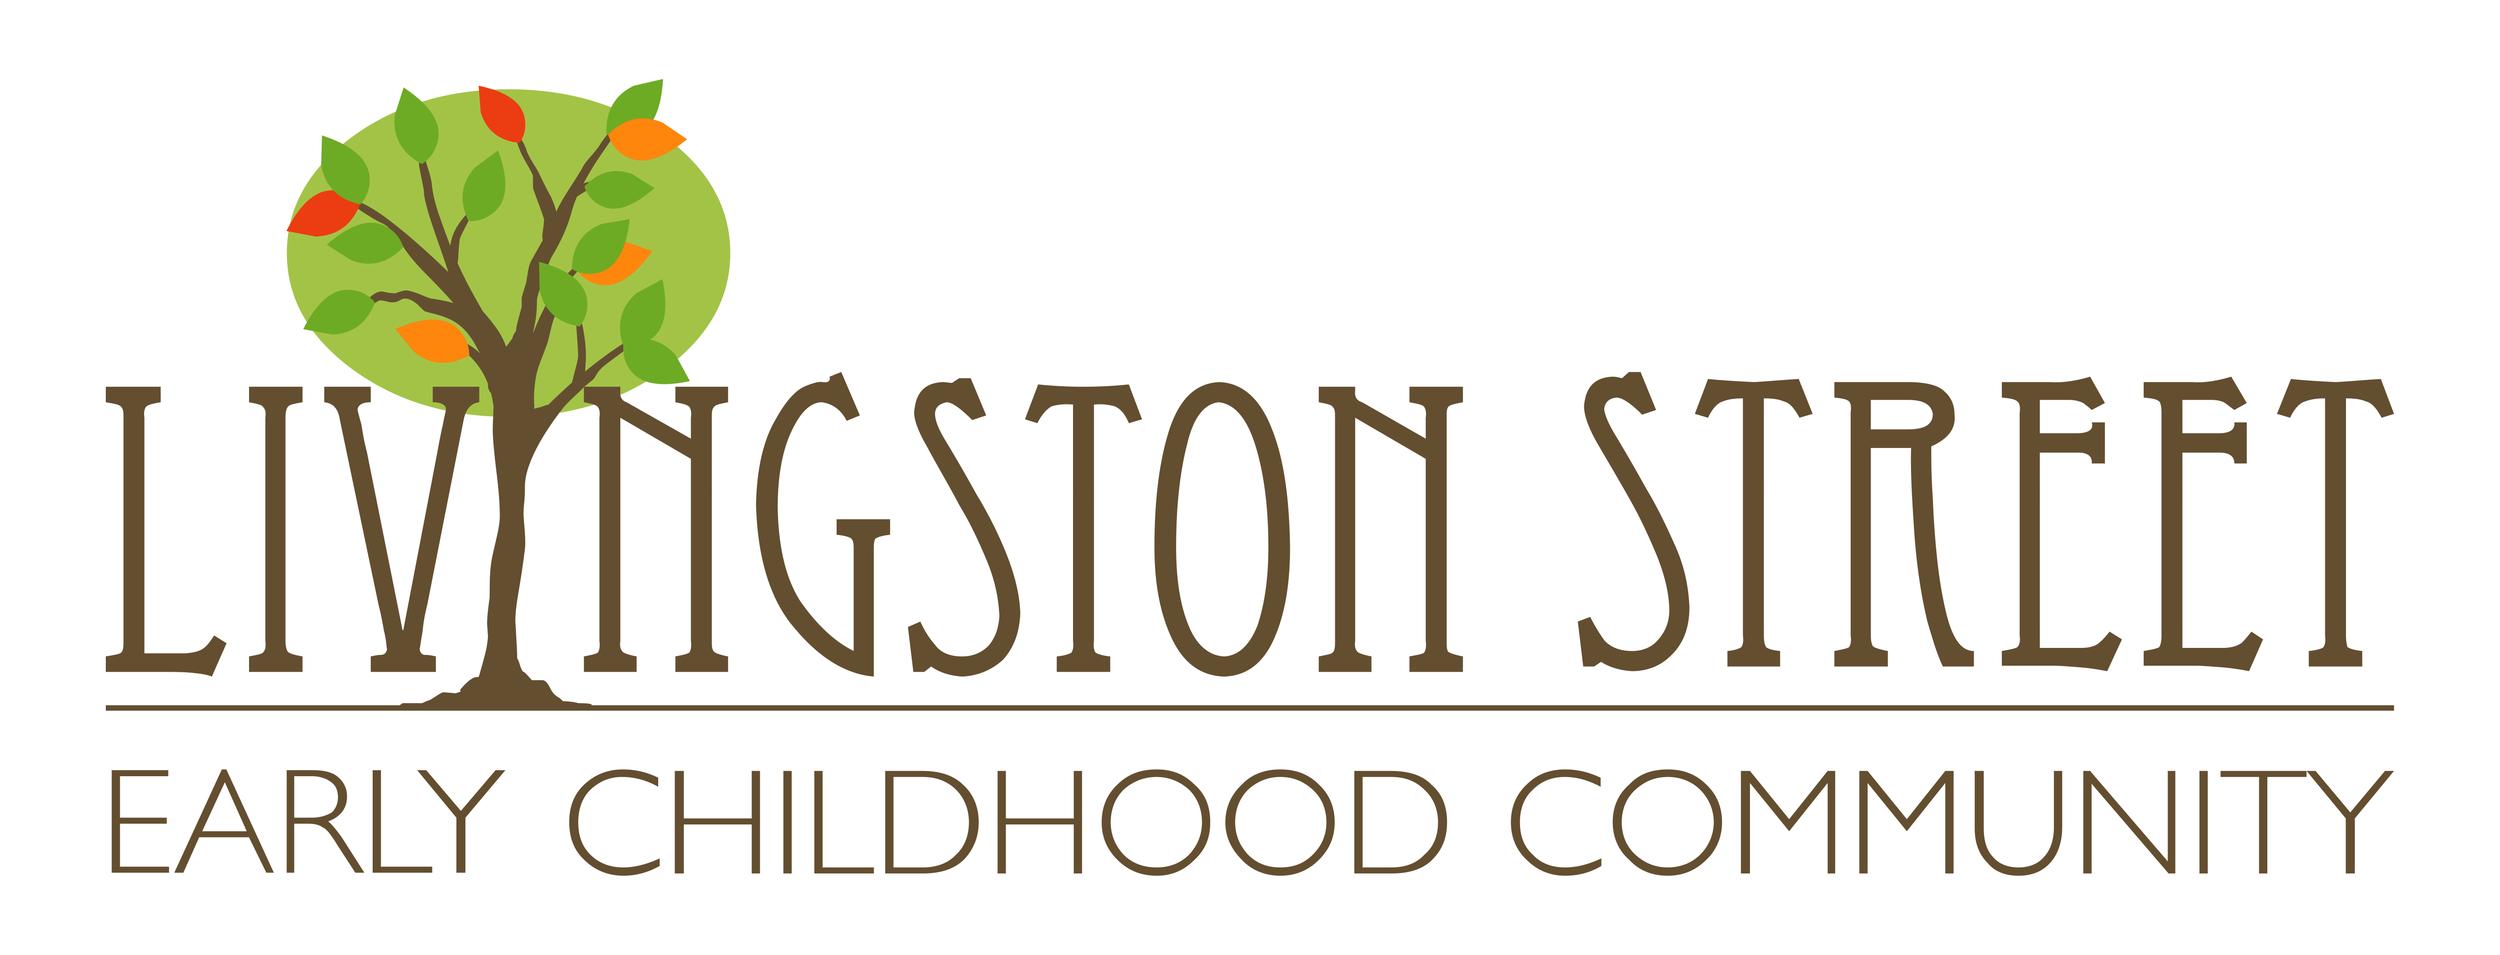 Livingston_st_logo.png